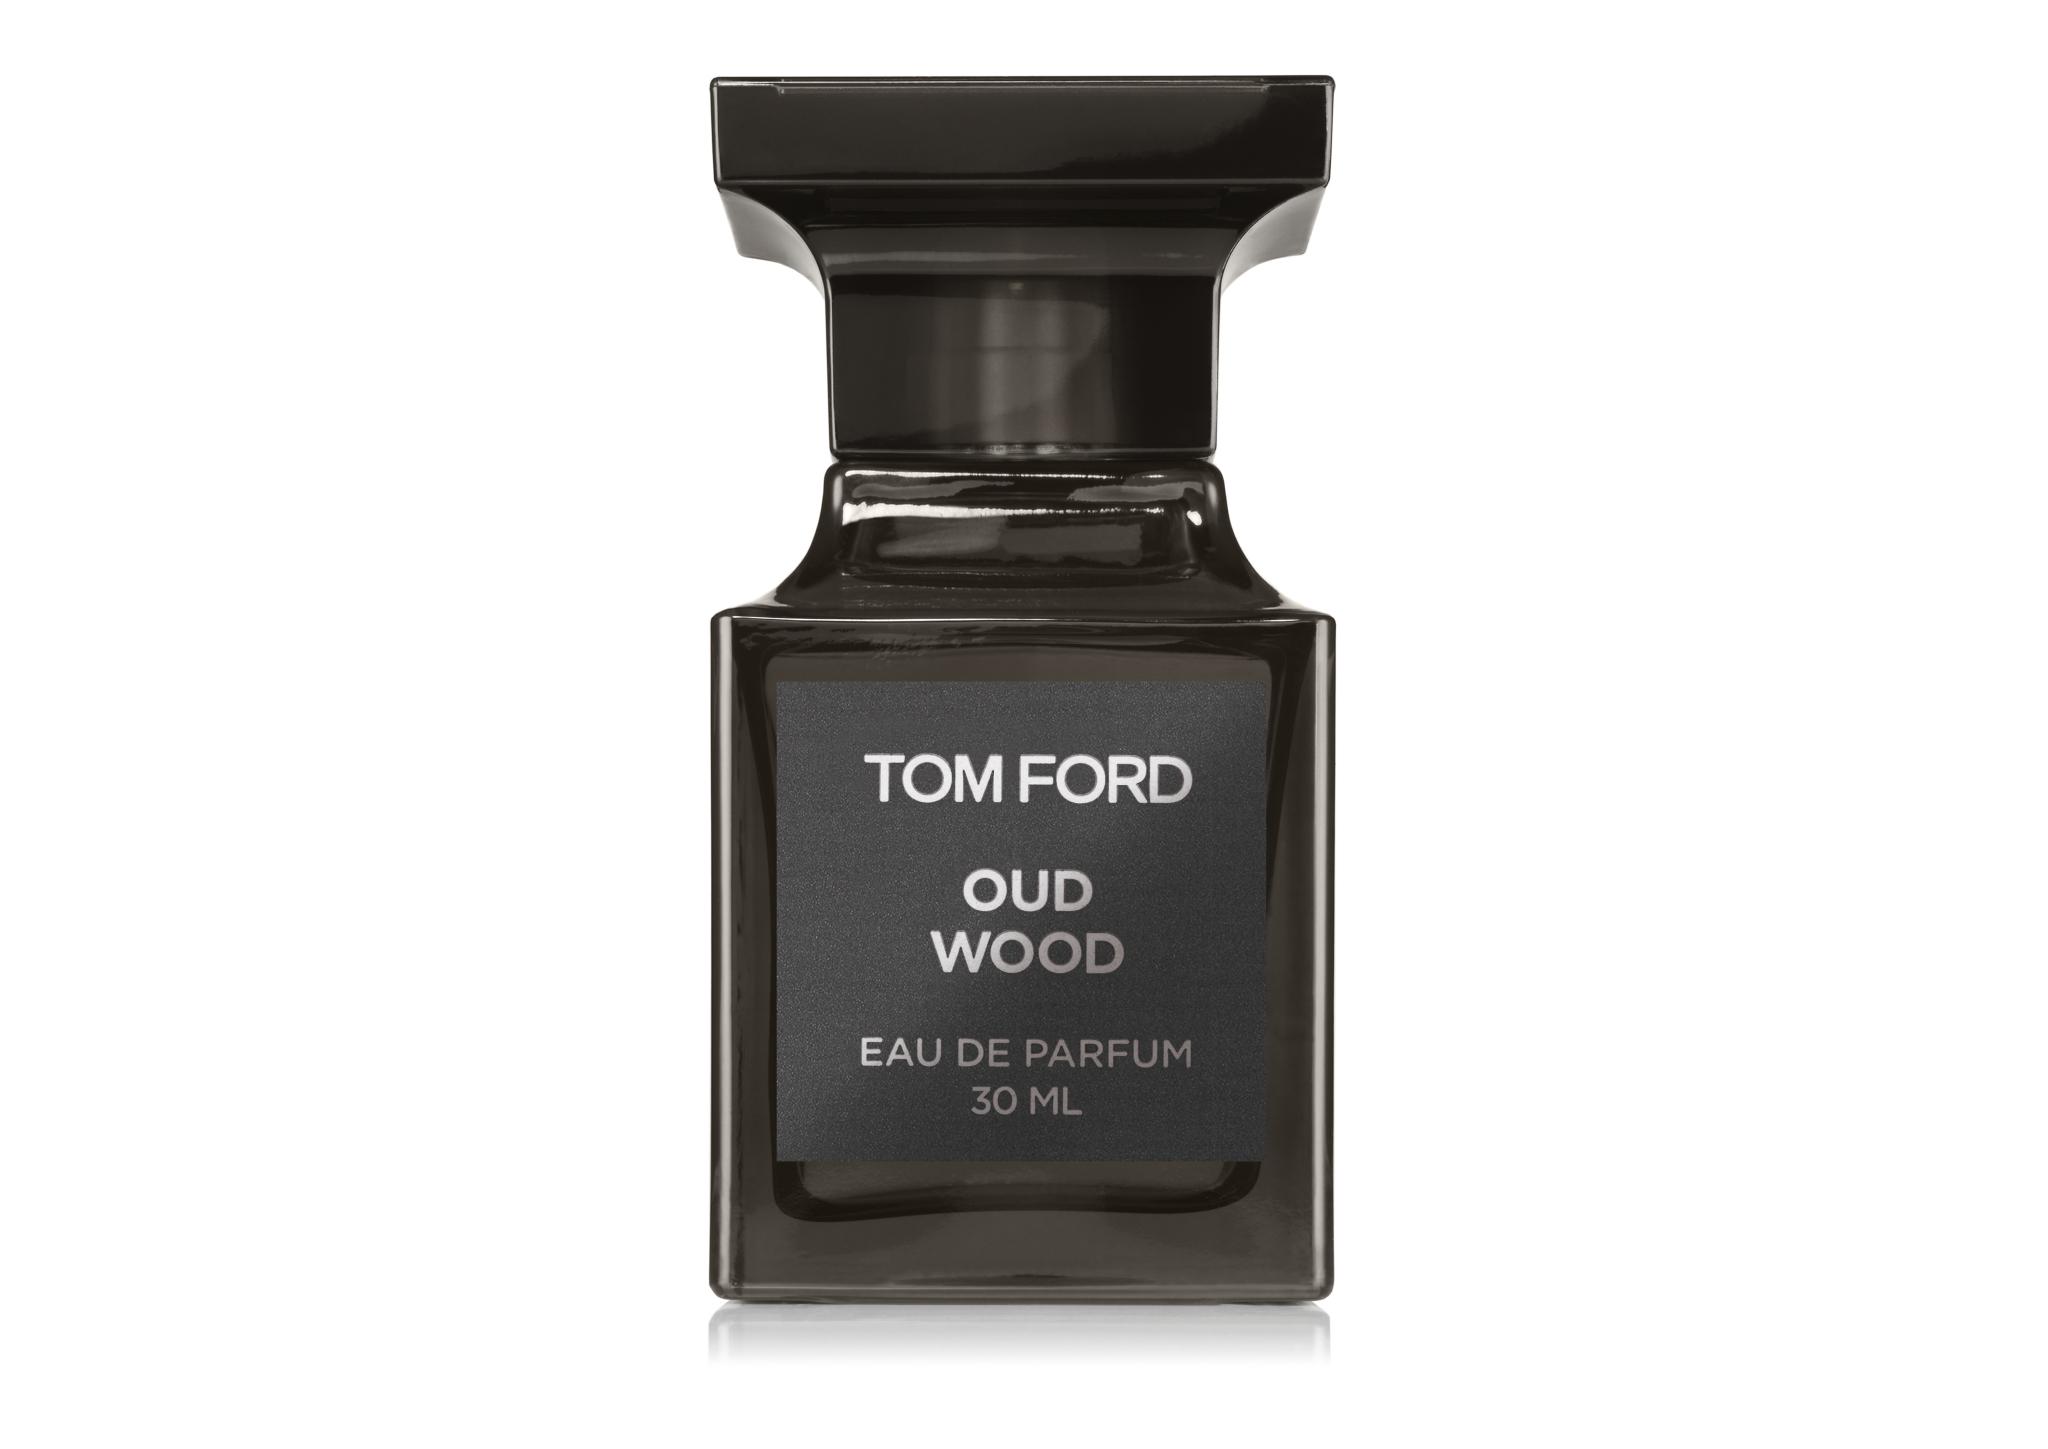 Tom Ford Oud Wood EDP, 30 ml